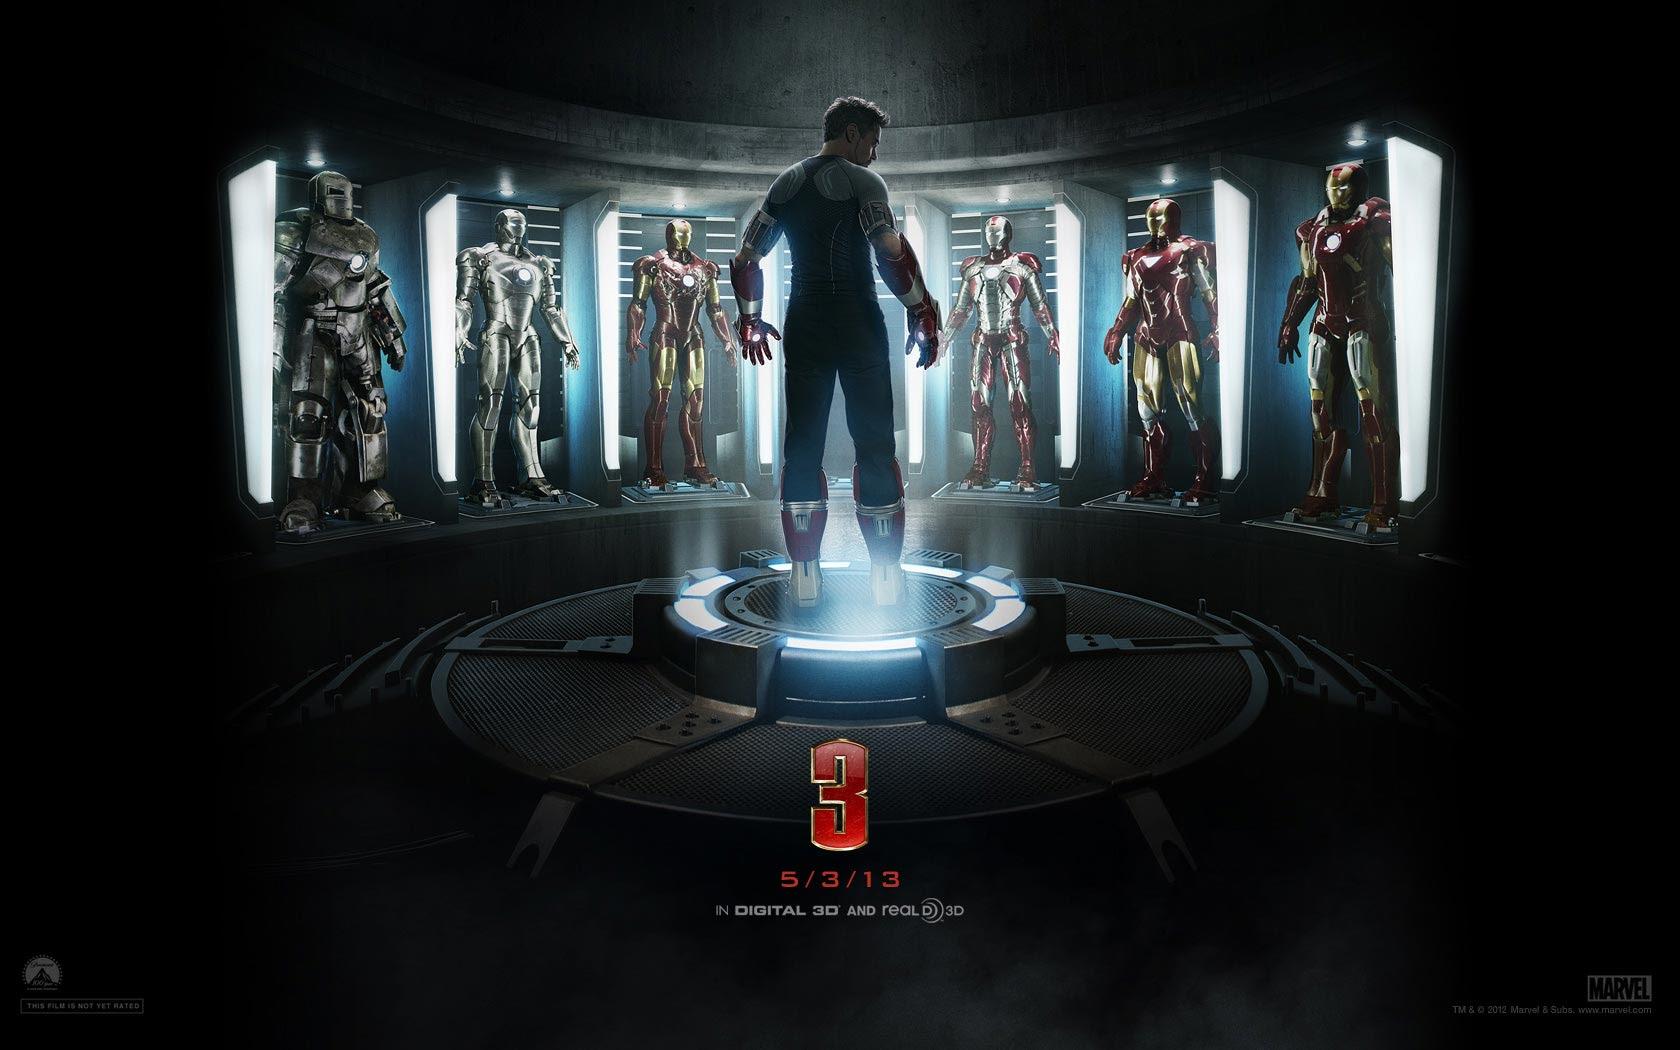 Iron Man 3 Wallpaper Iron Man 3 Wallpaper 33506138 Fanpop